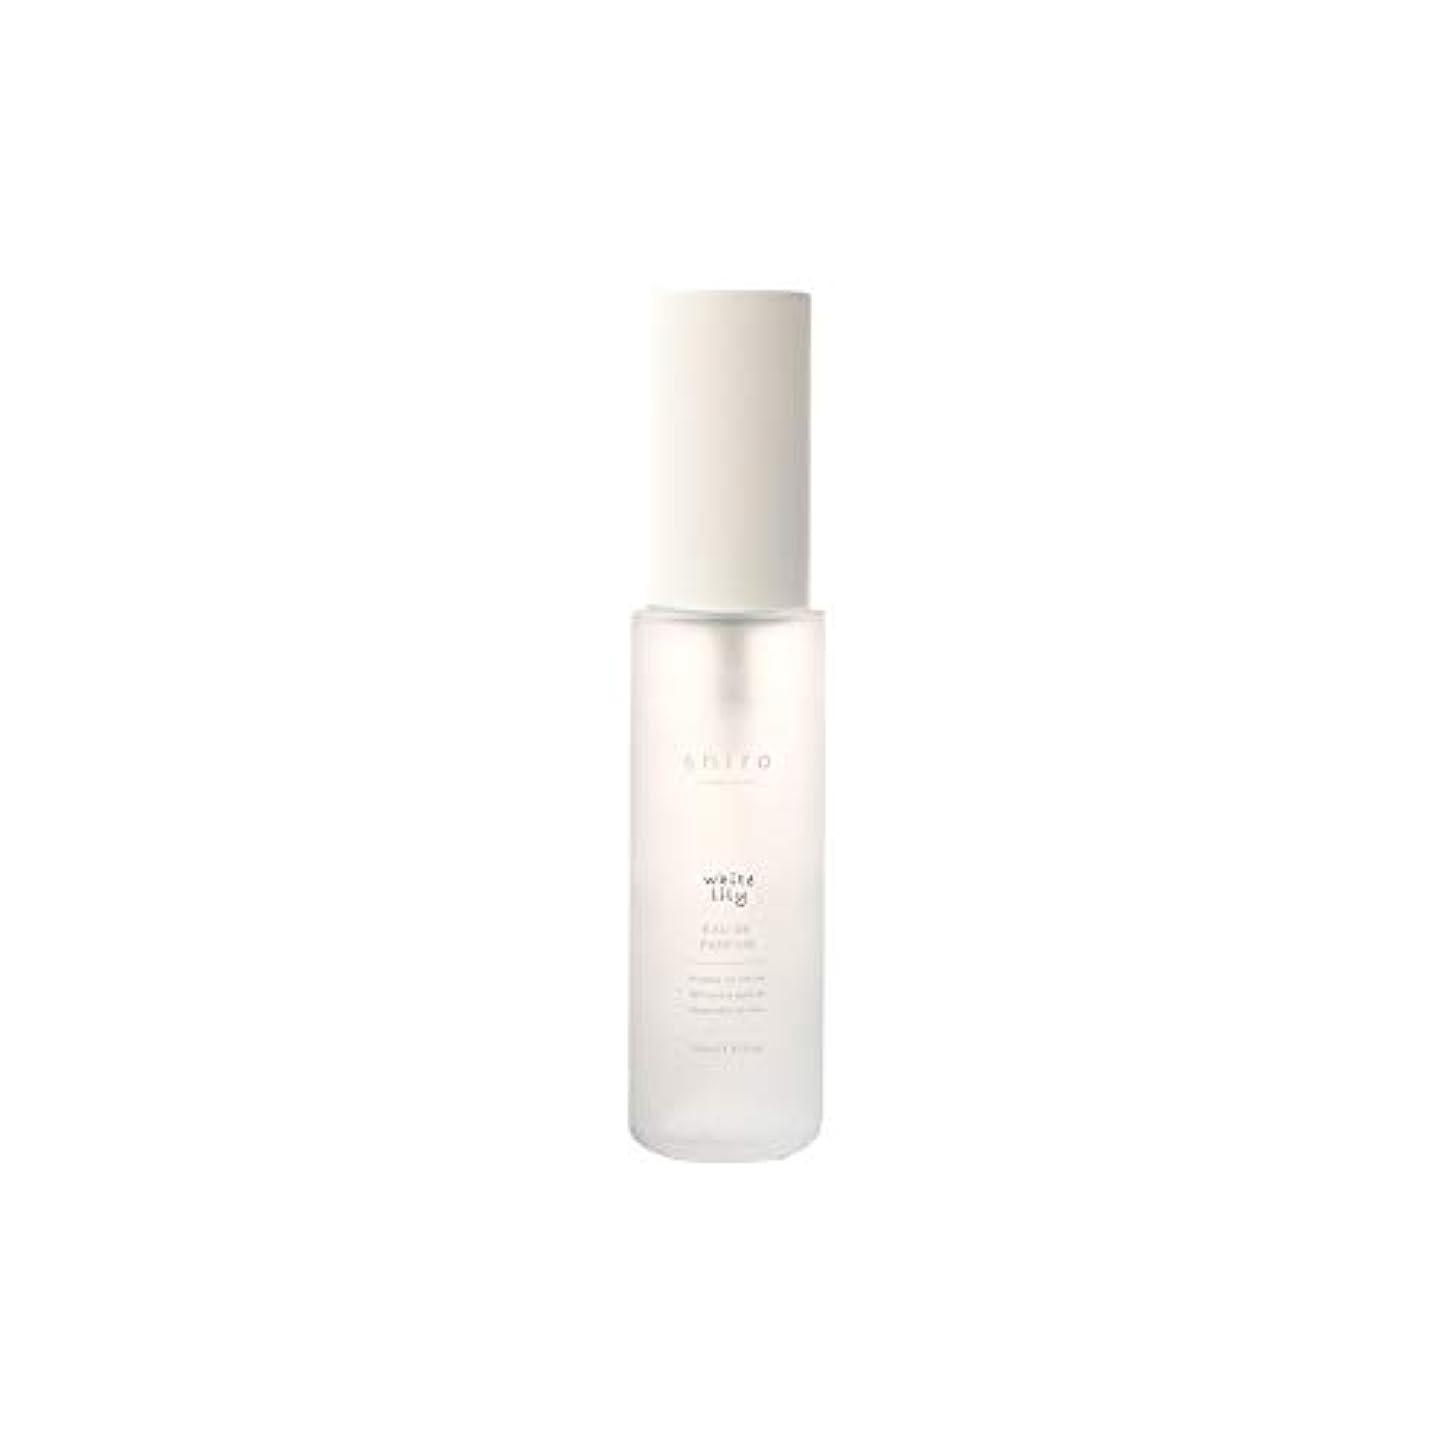 葉を集める露首shiro シロ ホワイトリリー オードパルファン 香水 40ml (長時間持続)